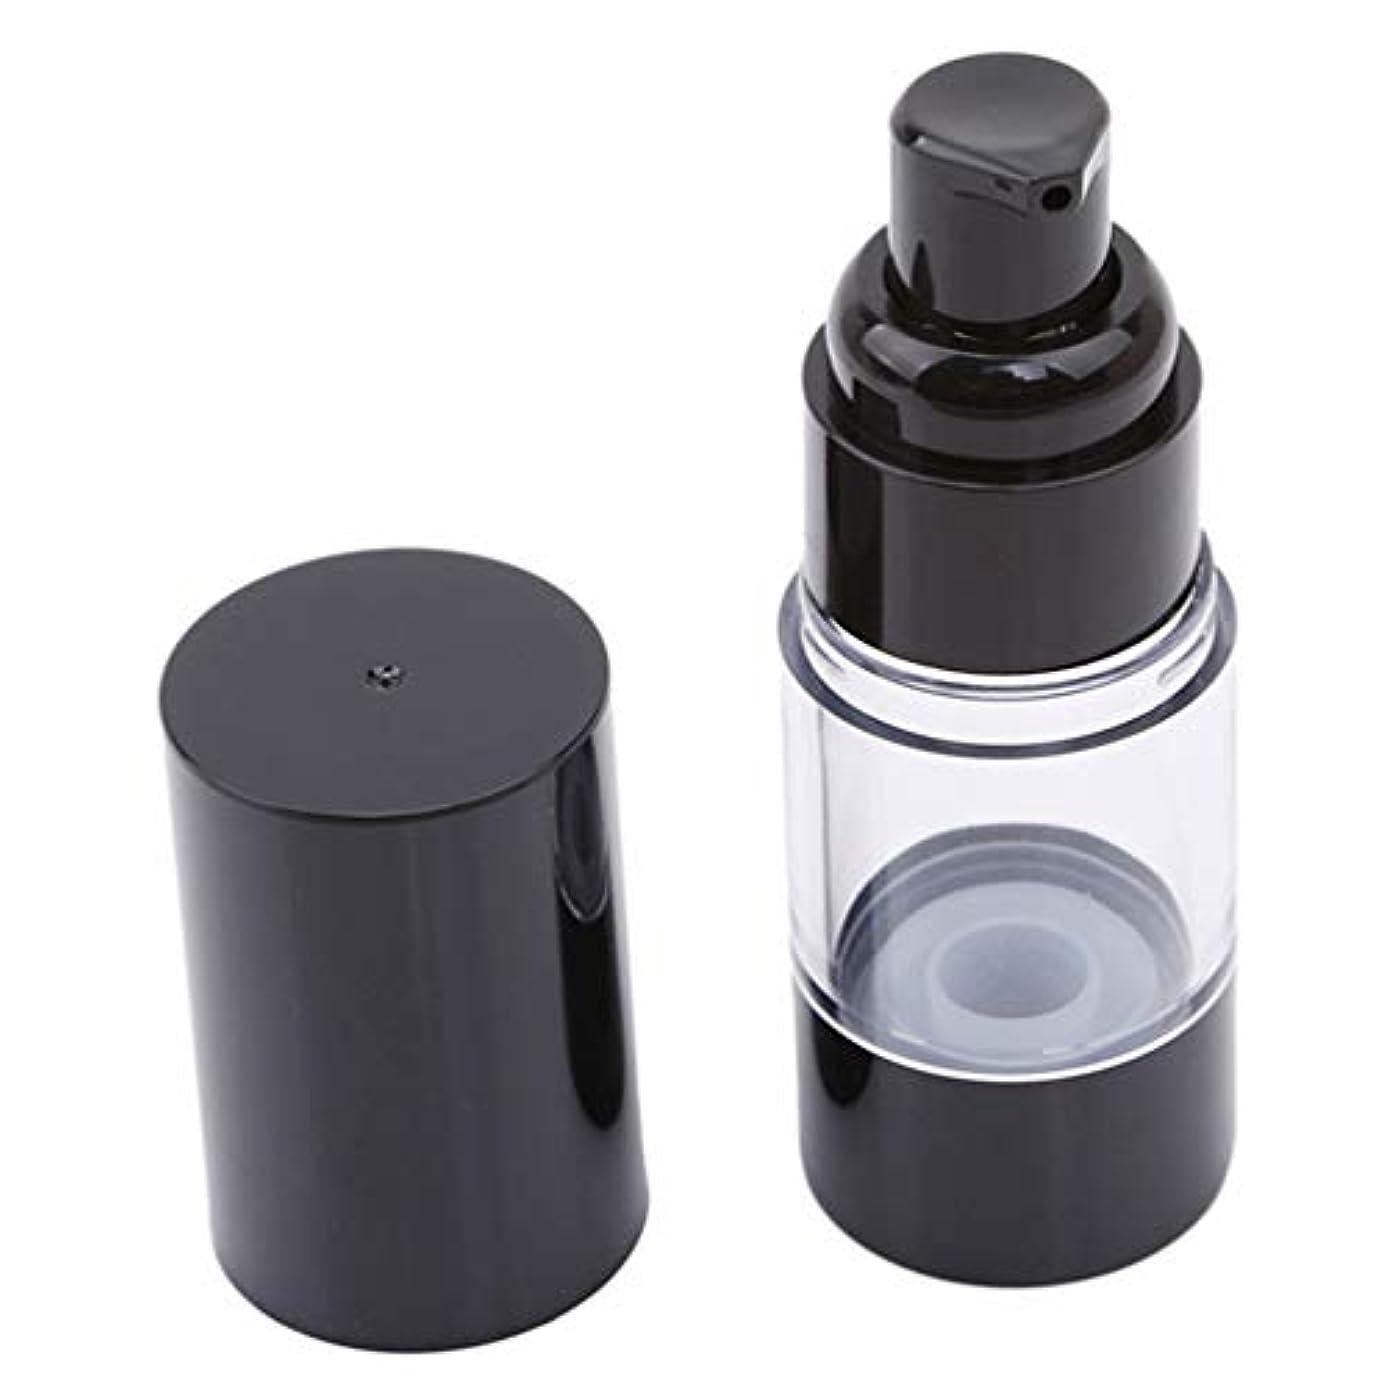 反論者前提リネンLJSLYJ 真空ポンプ化粧品ボトル旅行ポータブルBBクリームファンデーションプレスミニエマルジョンスプレー空のボトル、15ミリリットル